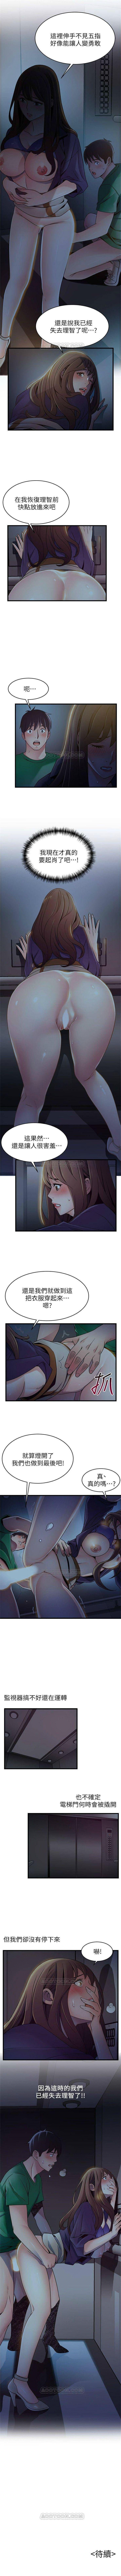 弱點 1-107 官方中文(連載中) 392